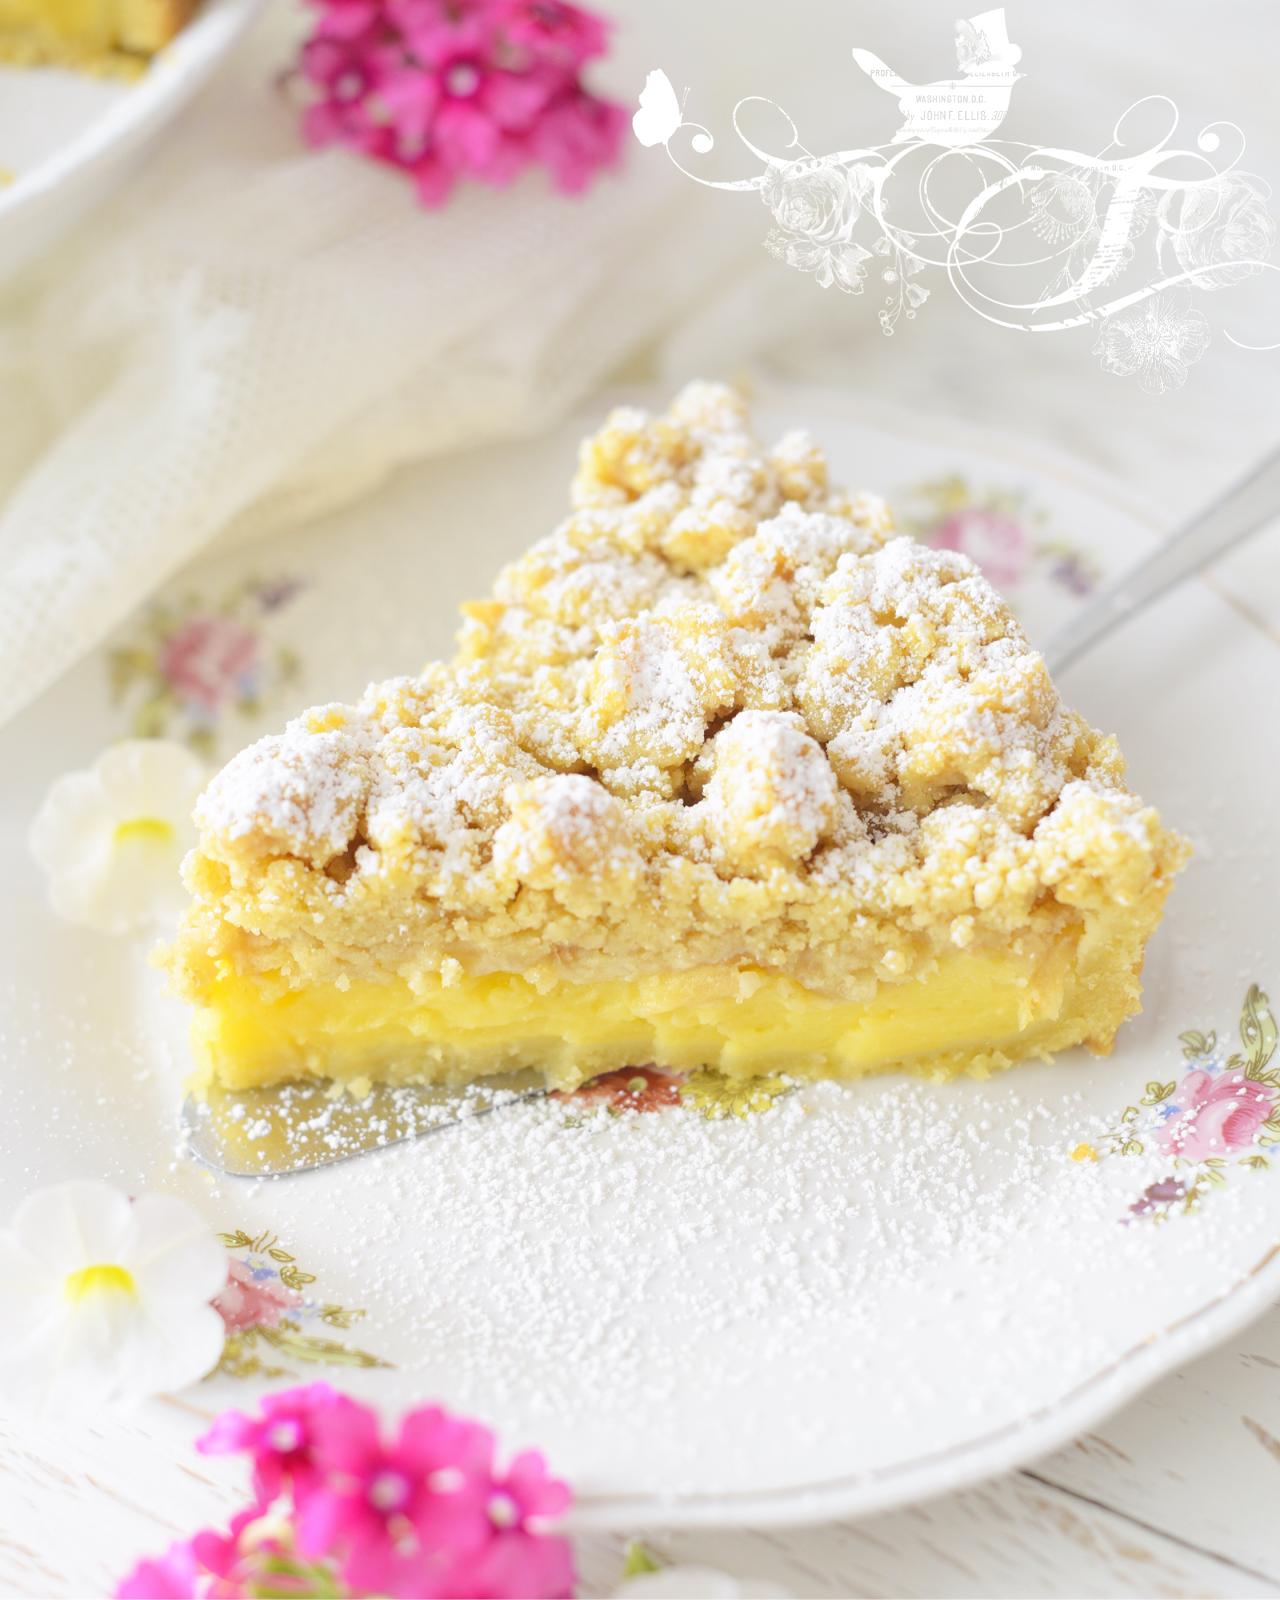 Kessy S Pink Sugar Apfel Streuselkuchen Mit Vanillepudding